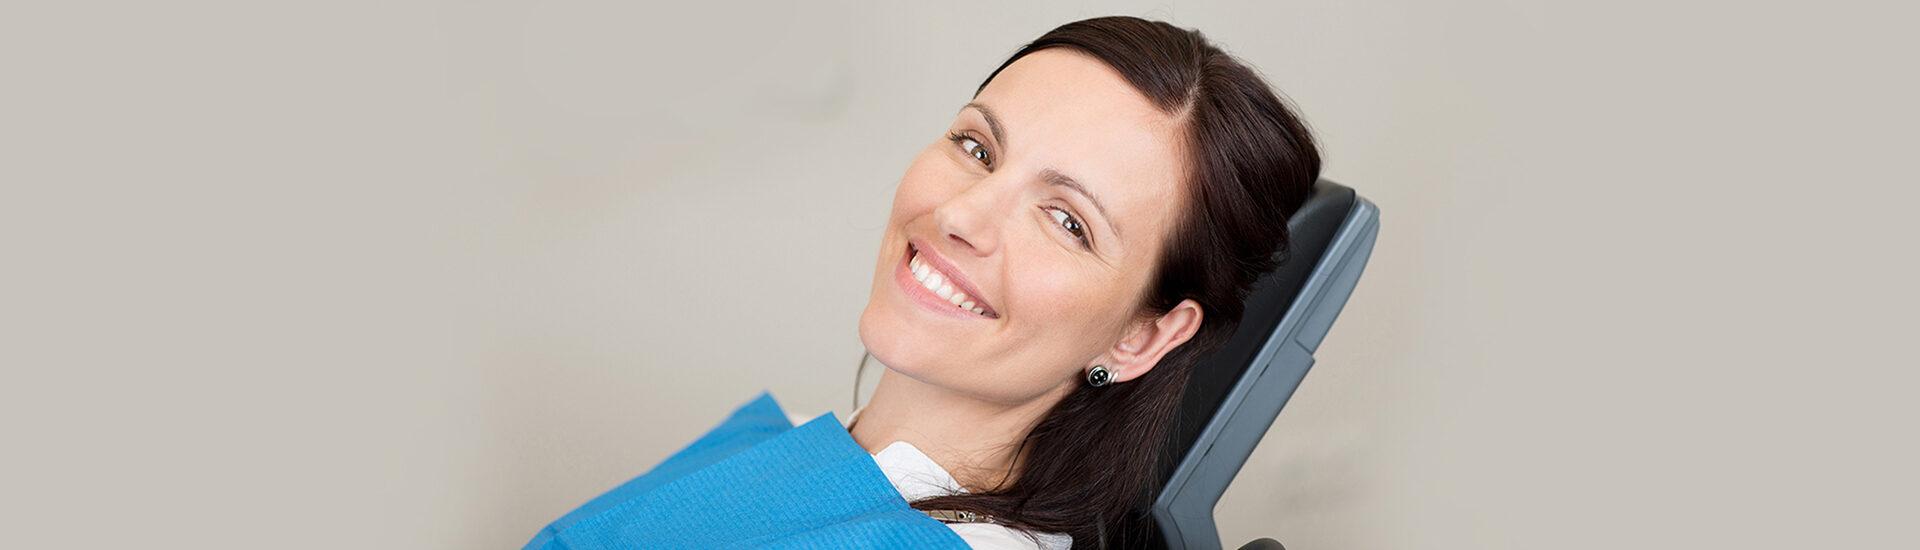 Preventive Dentistry in Oak Lawn, IL